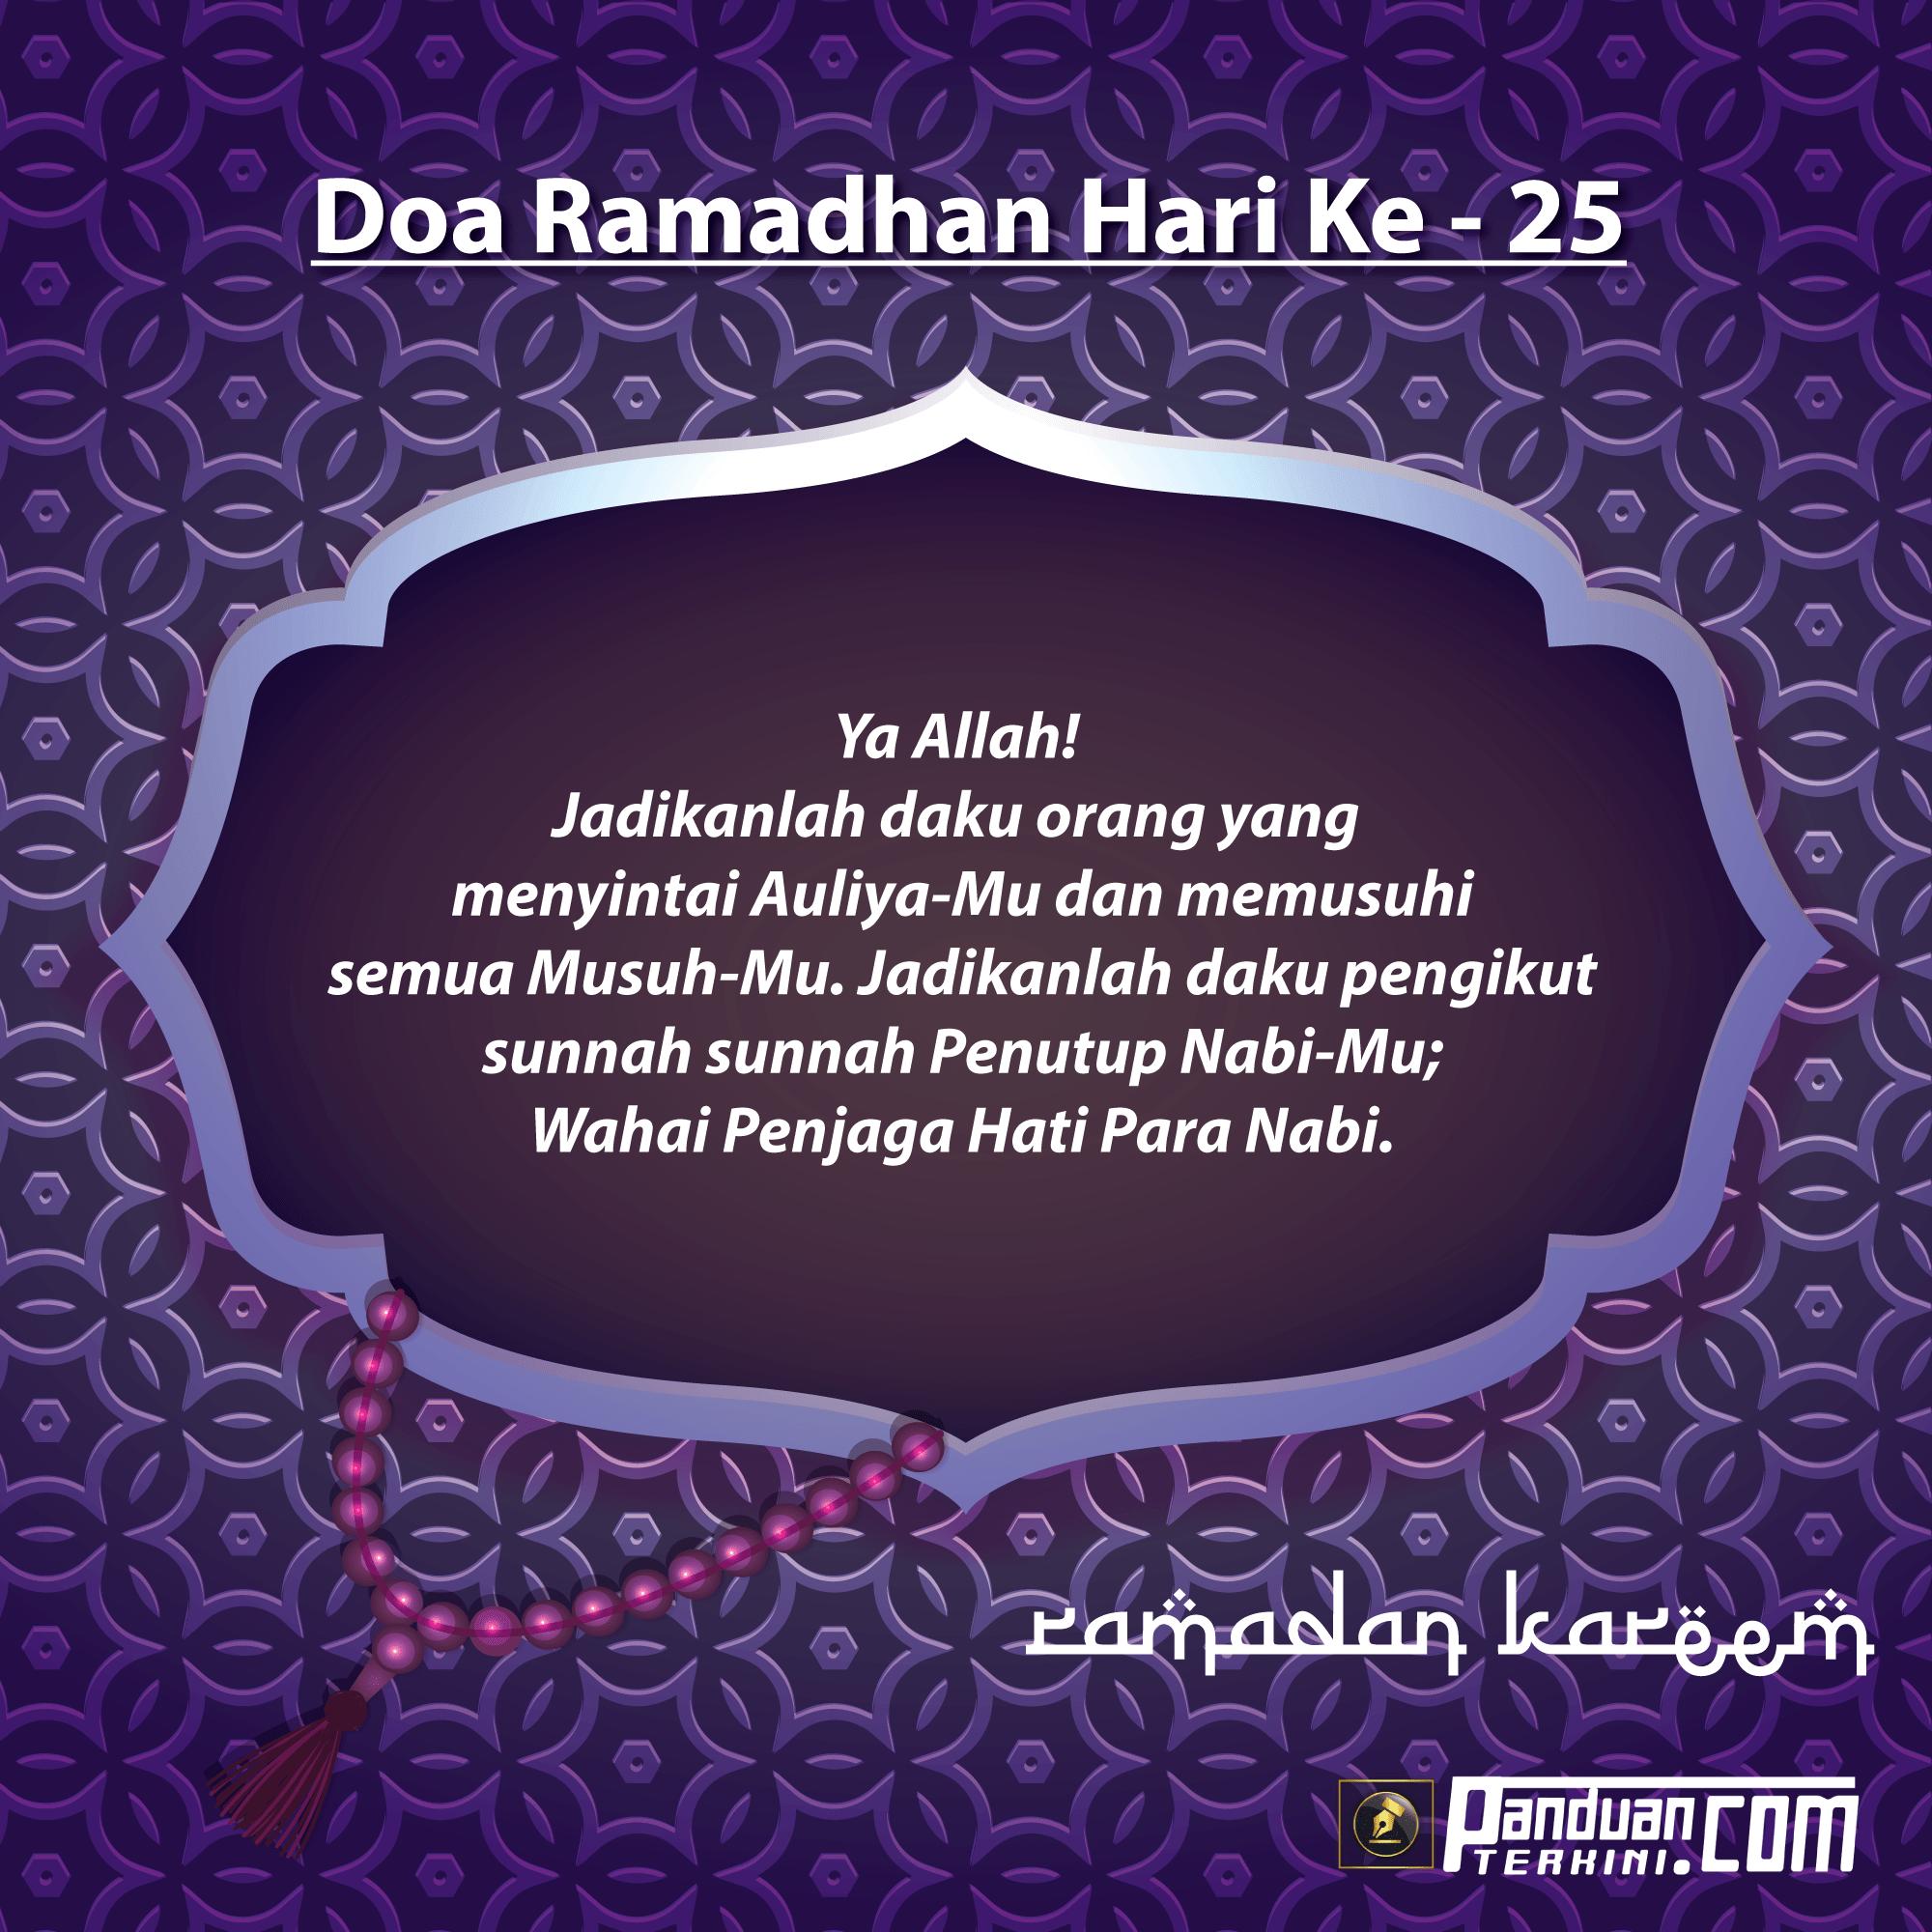 Doa Ramadhan Hari Ke-25